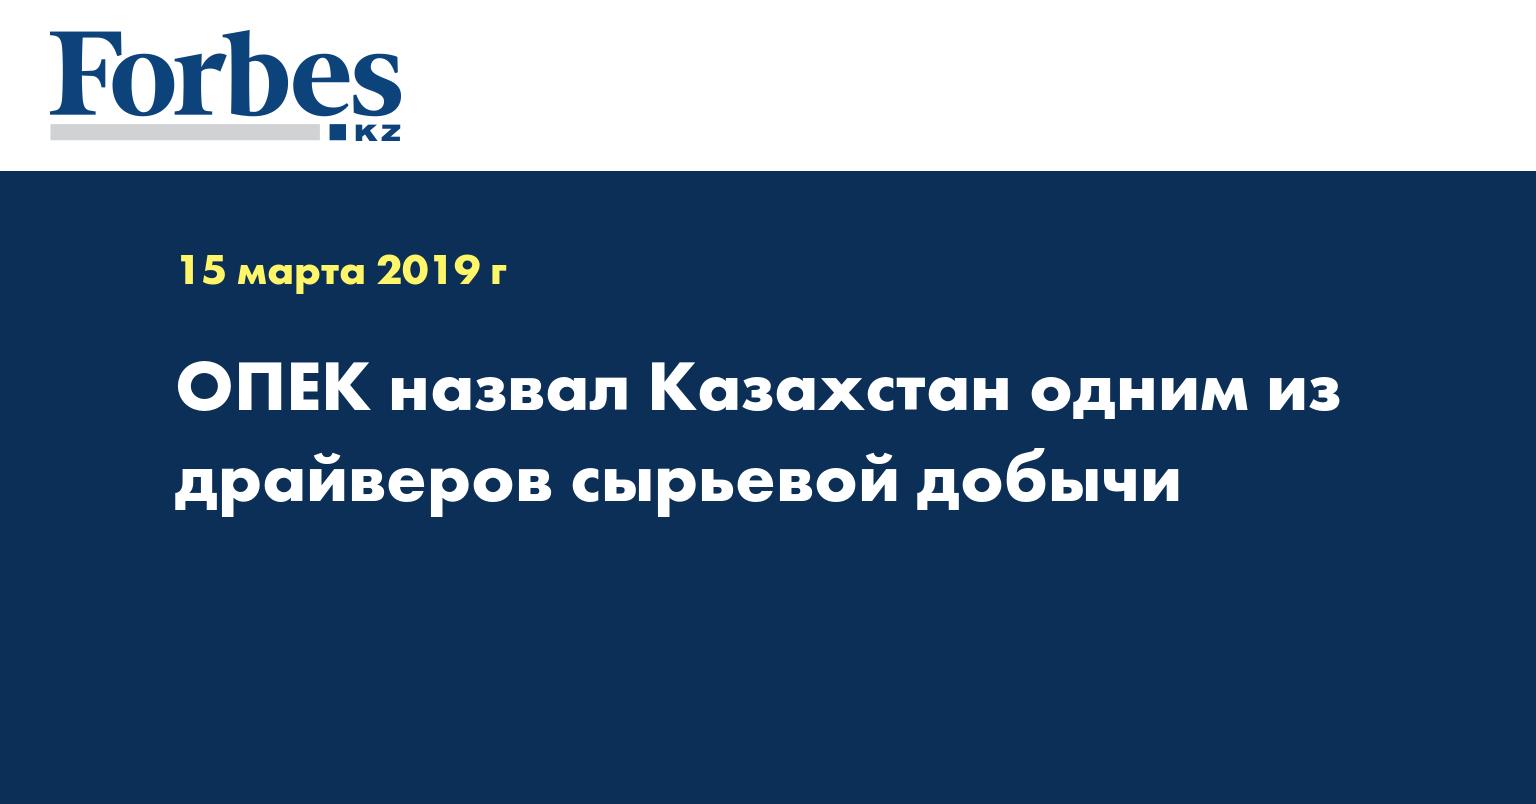 ОПЕК назвал Казахстан одним из драйверов сырьевой добычи